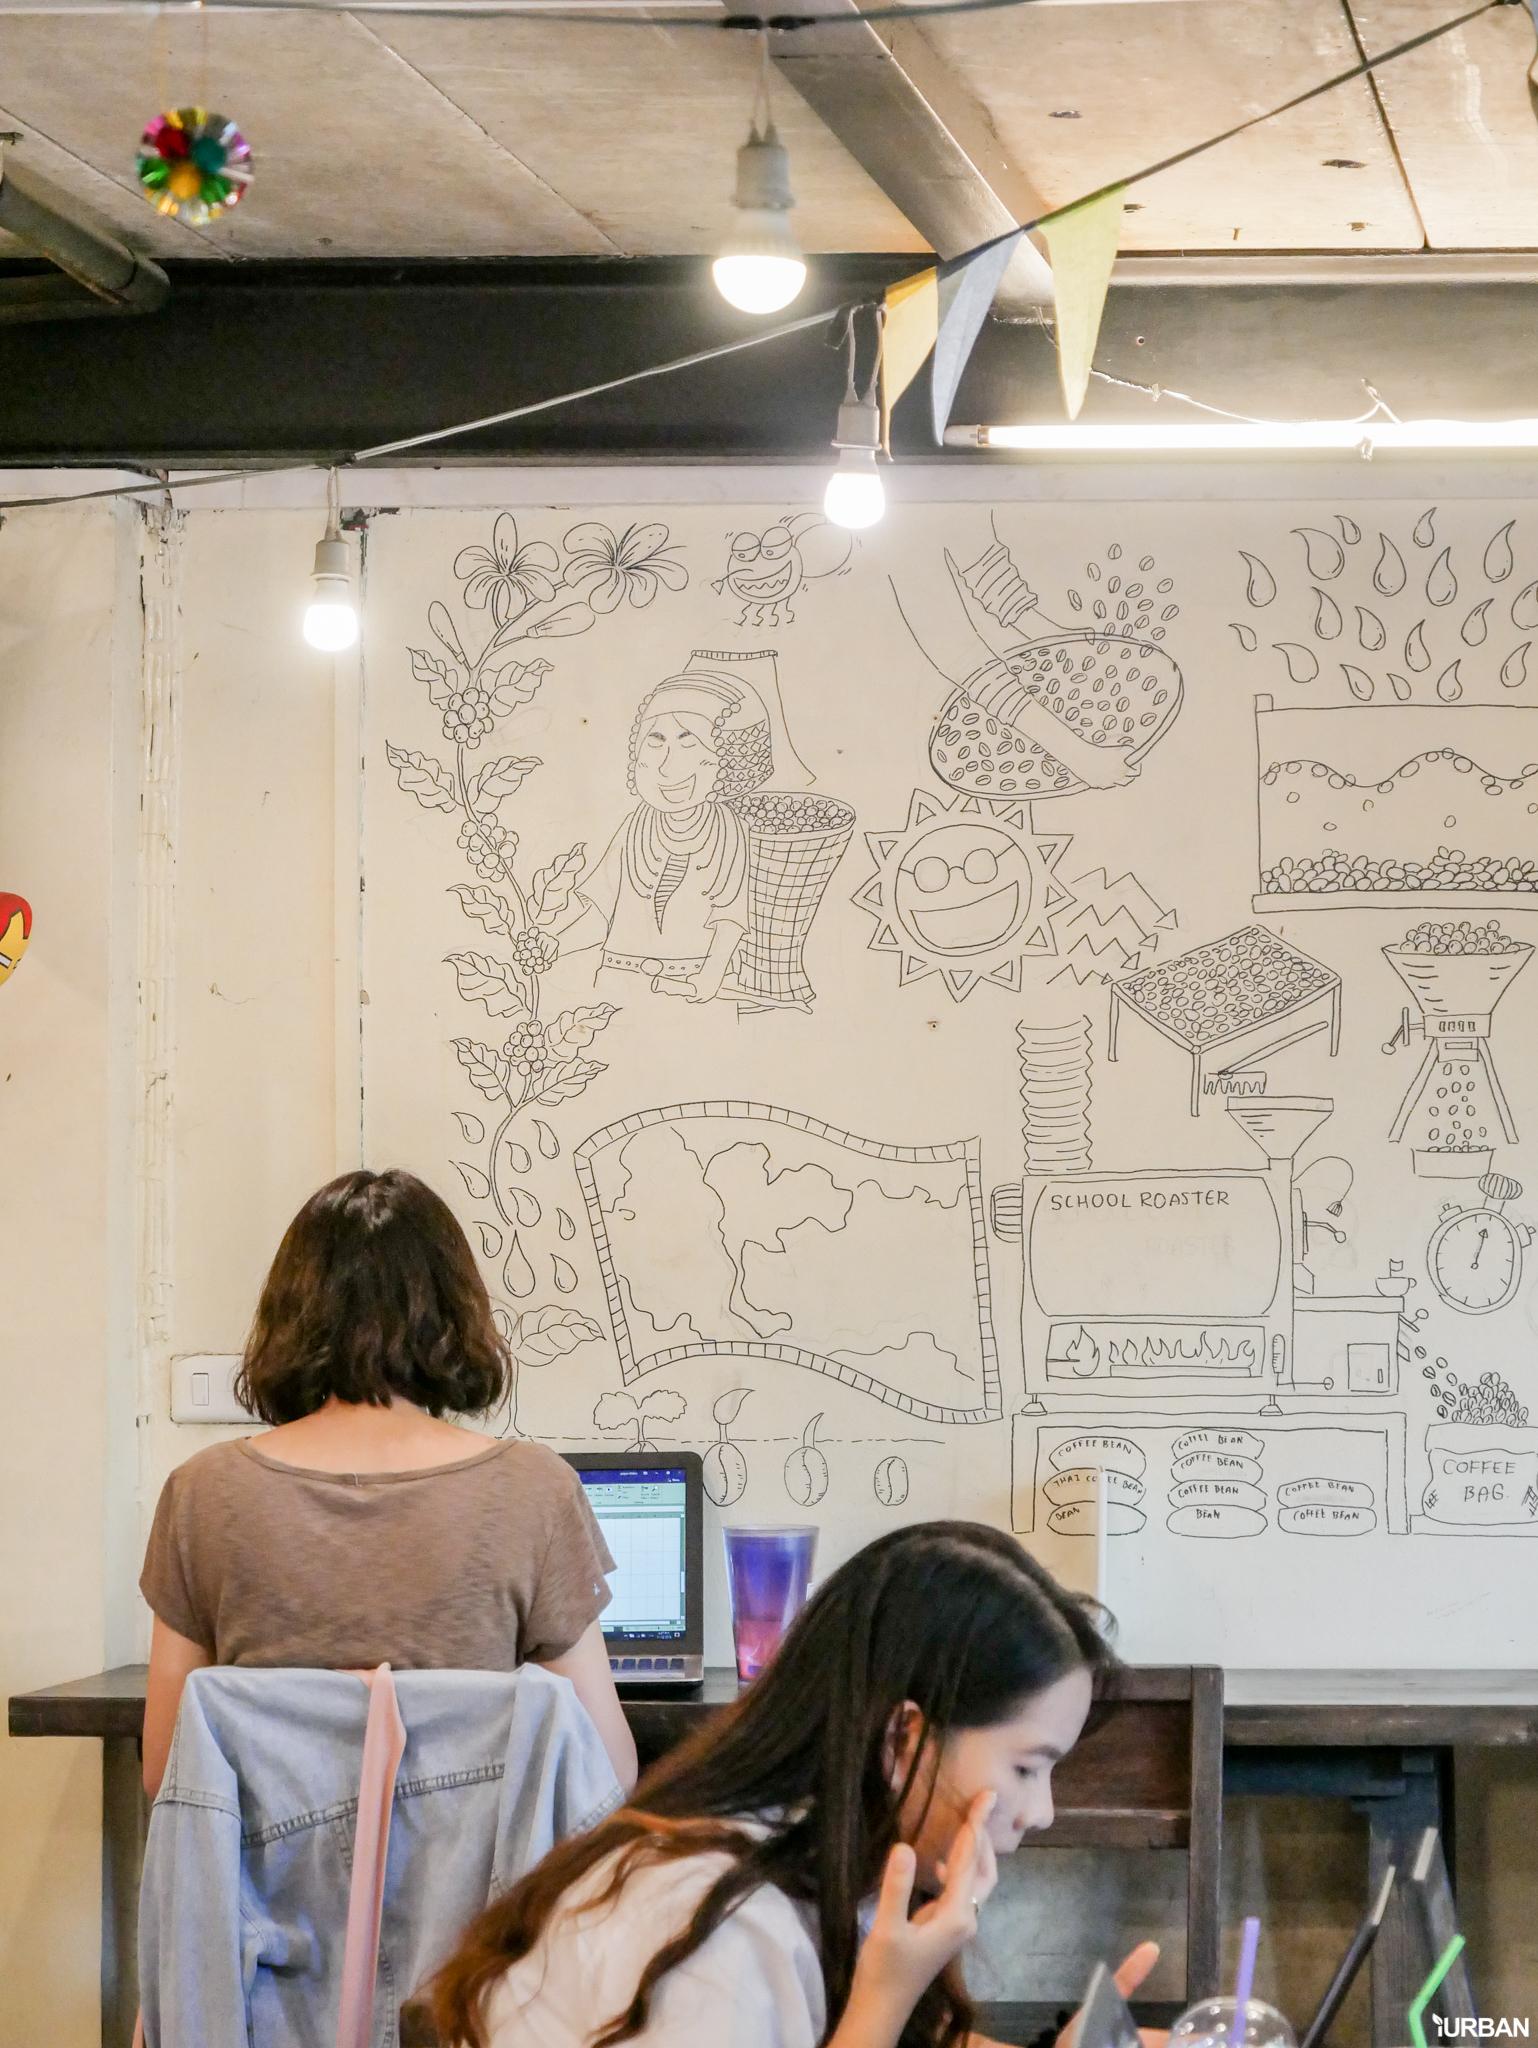 14 ร้านกาแฟ ม.เกษตร คาเฟ่สไตล์นักศึกษาและคนทำงาน + สำรวจ Co-Working Space ที่ KENSINGTON KASET CAMPUS (เคนซิงตัน เกษตร แคมปัส) 25 - cafe